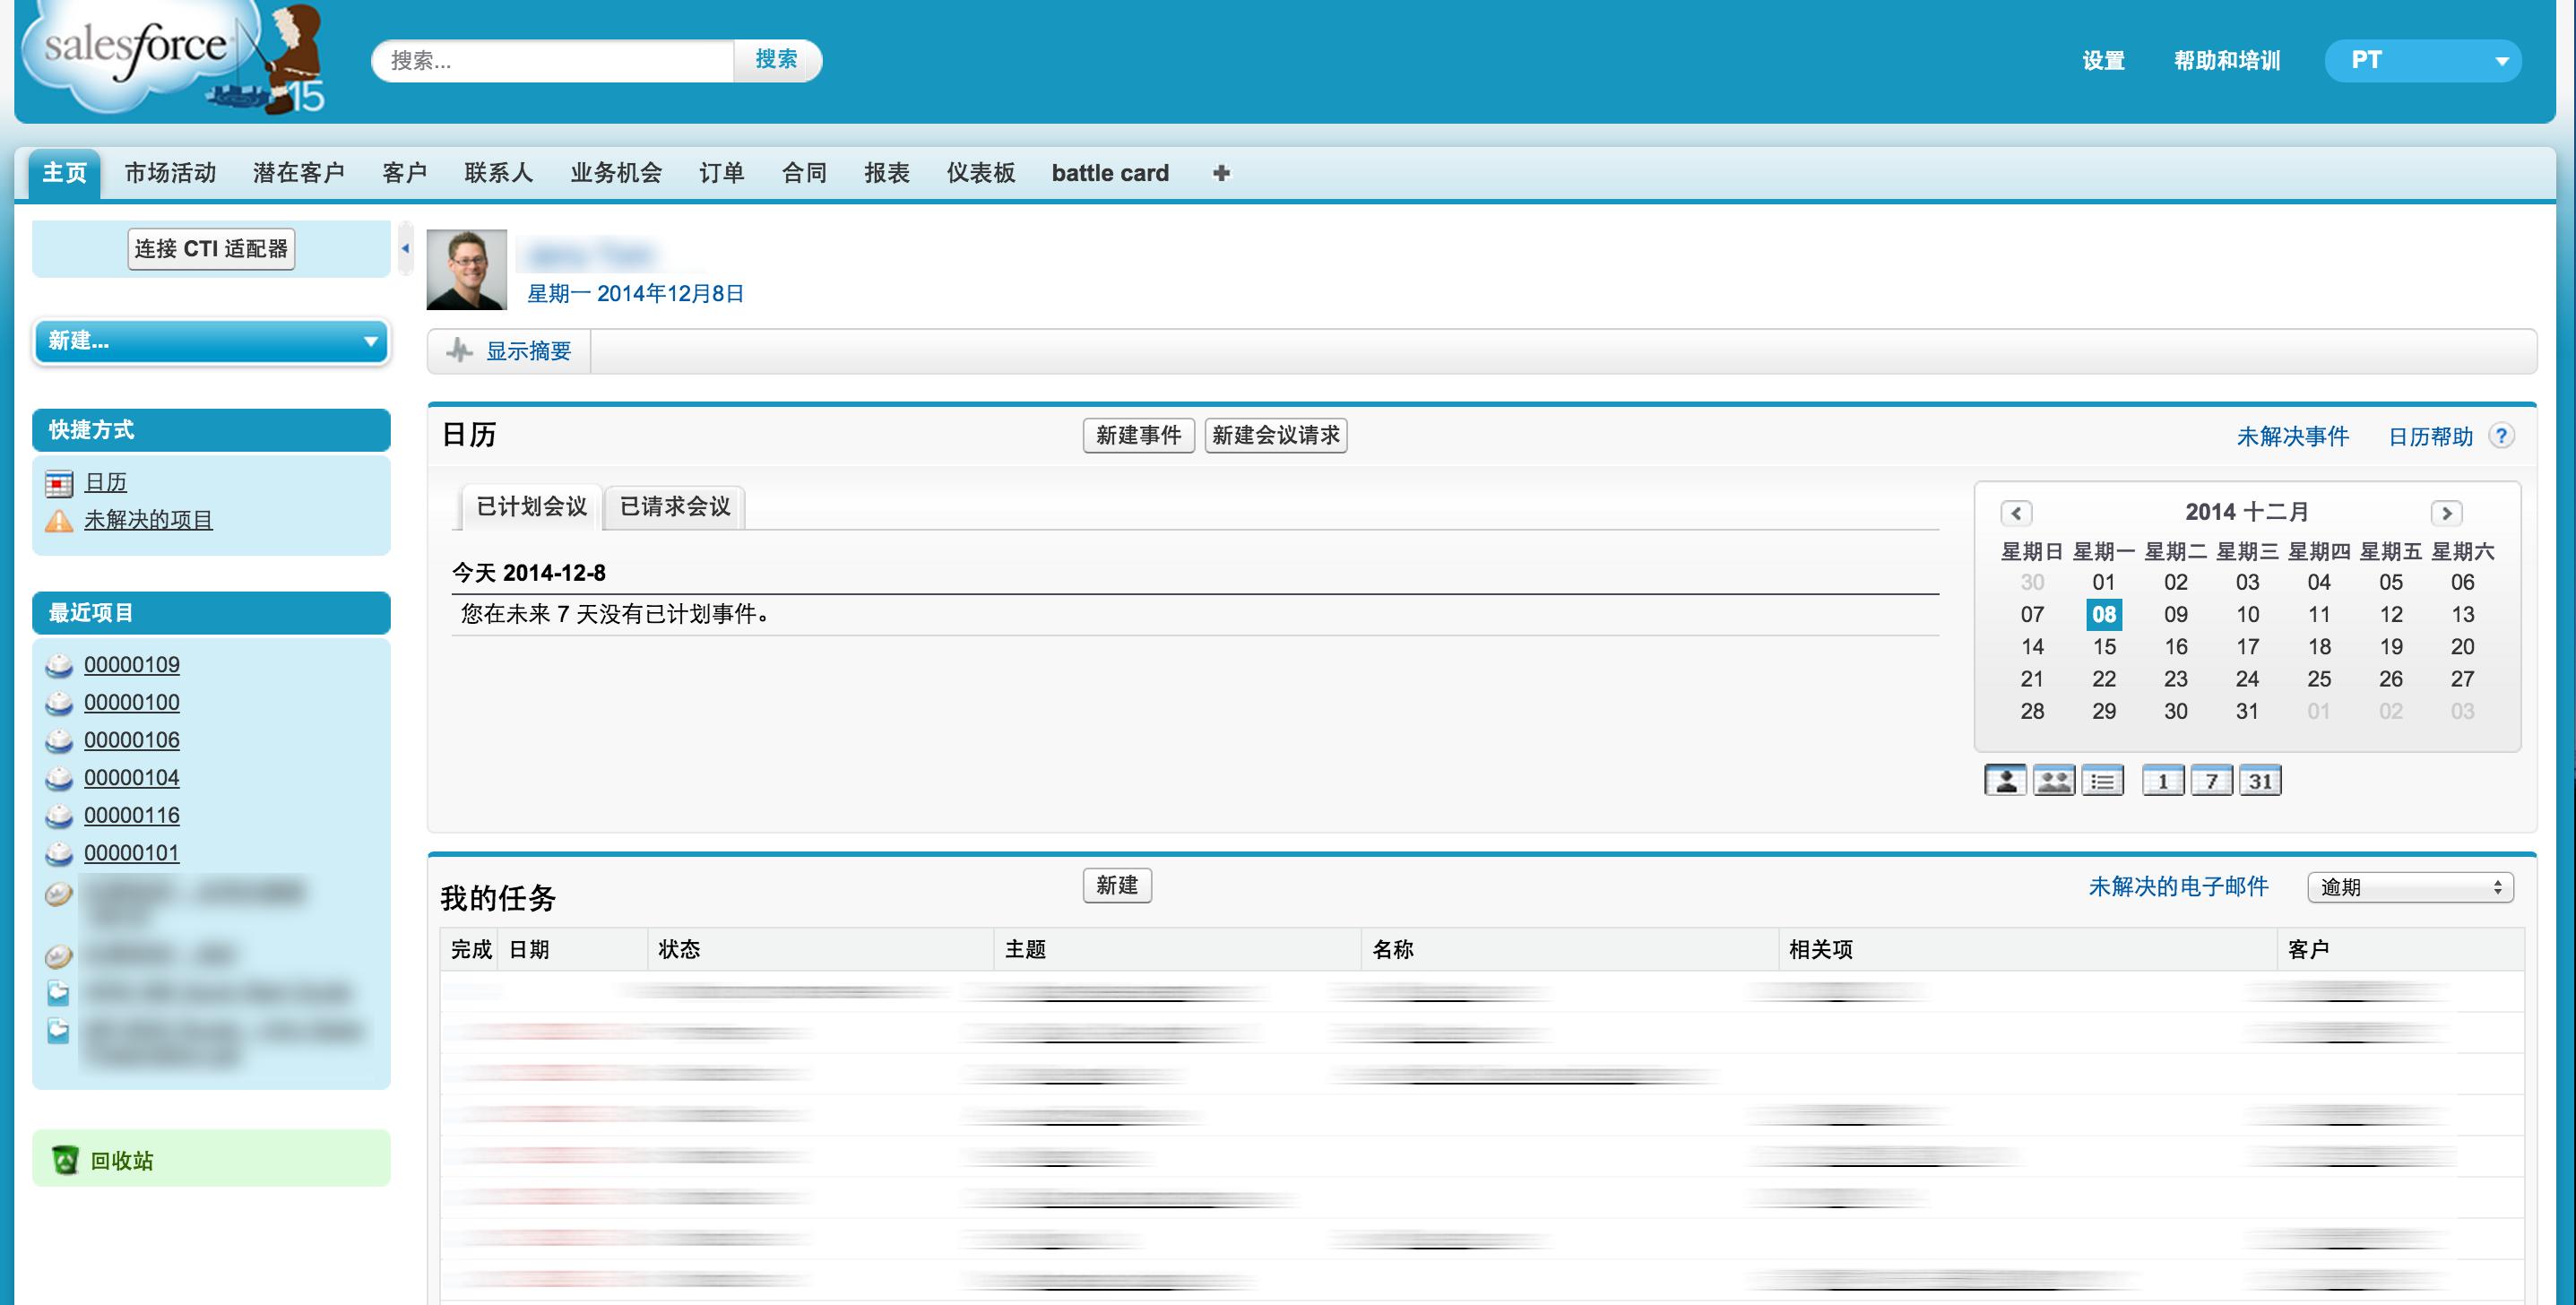 屏幕快照 2014-12-08 10.43.47